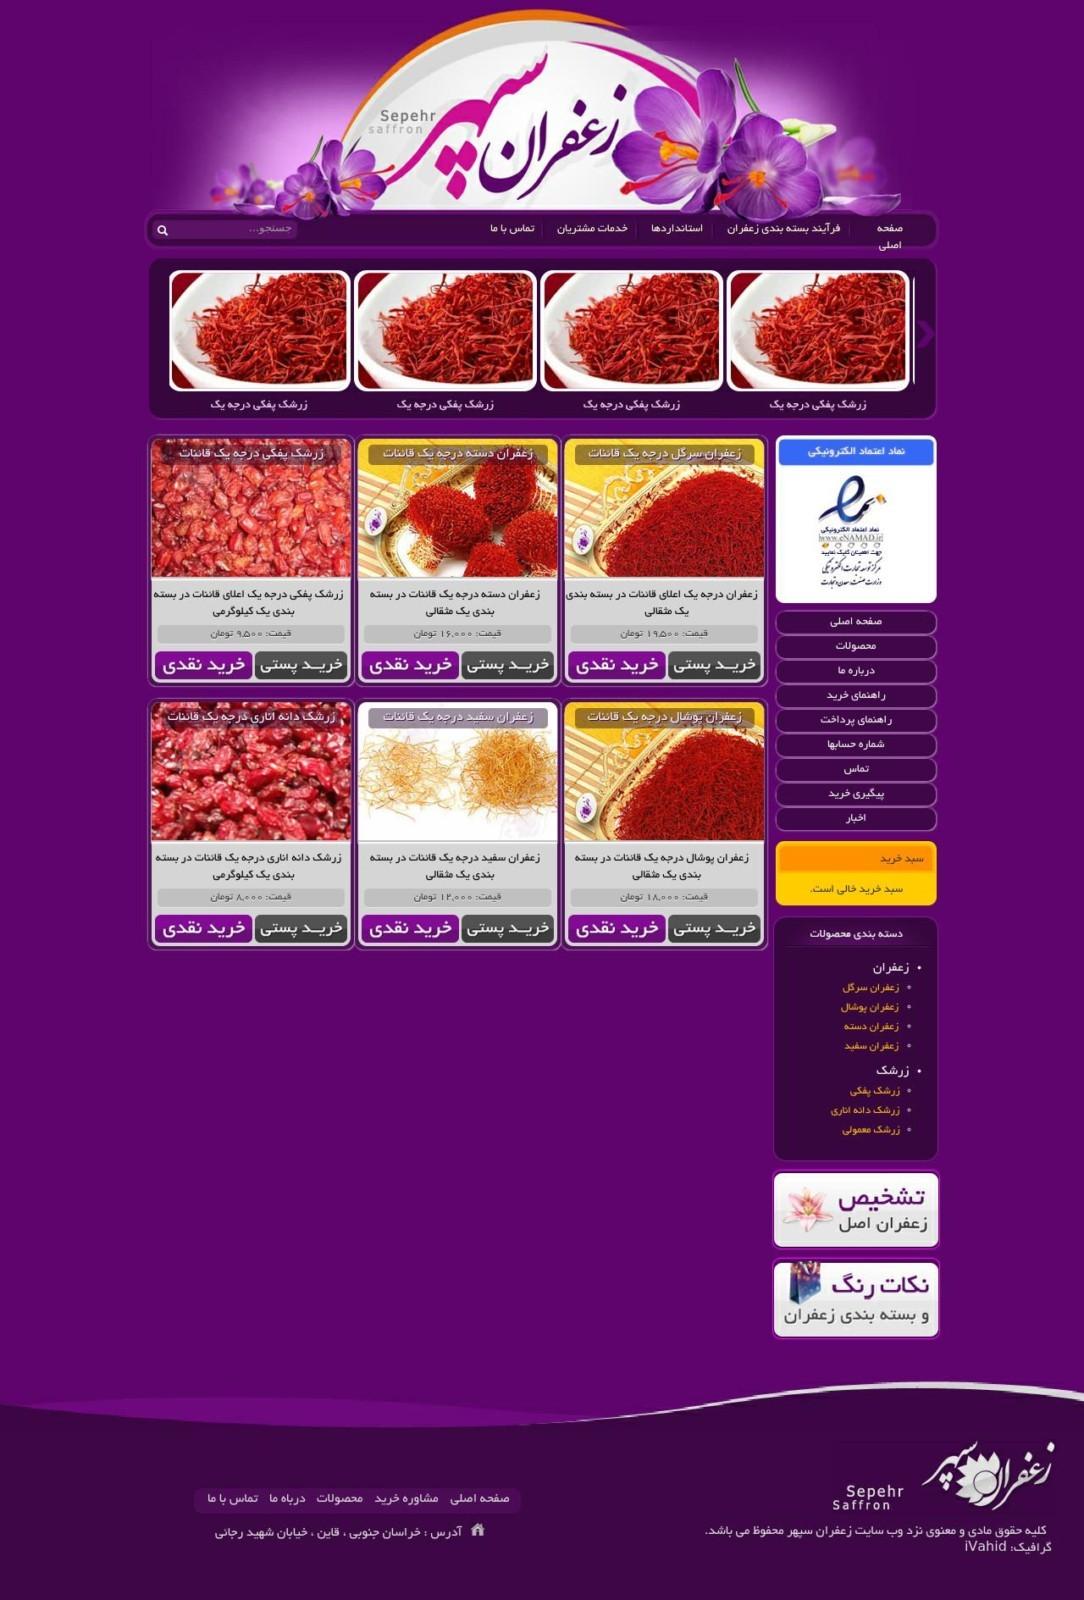 طراحی گرافیک سایت زعفران سپهر